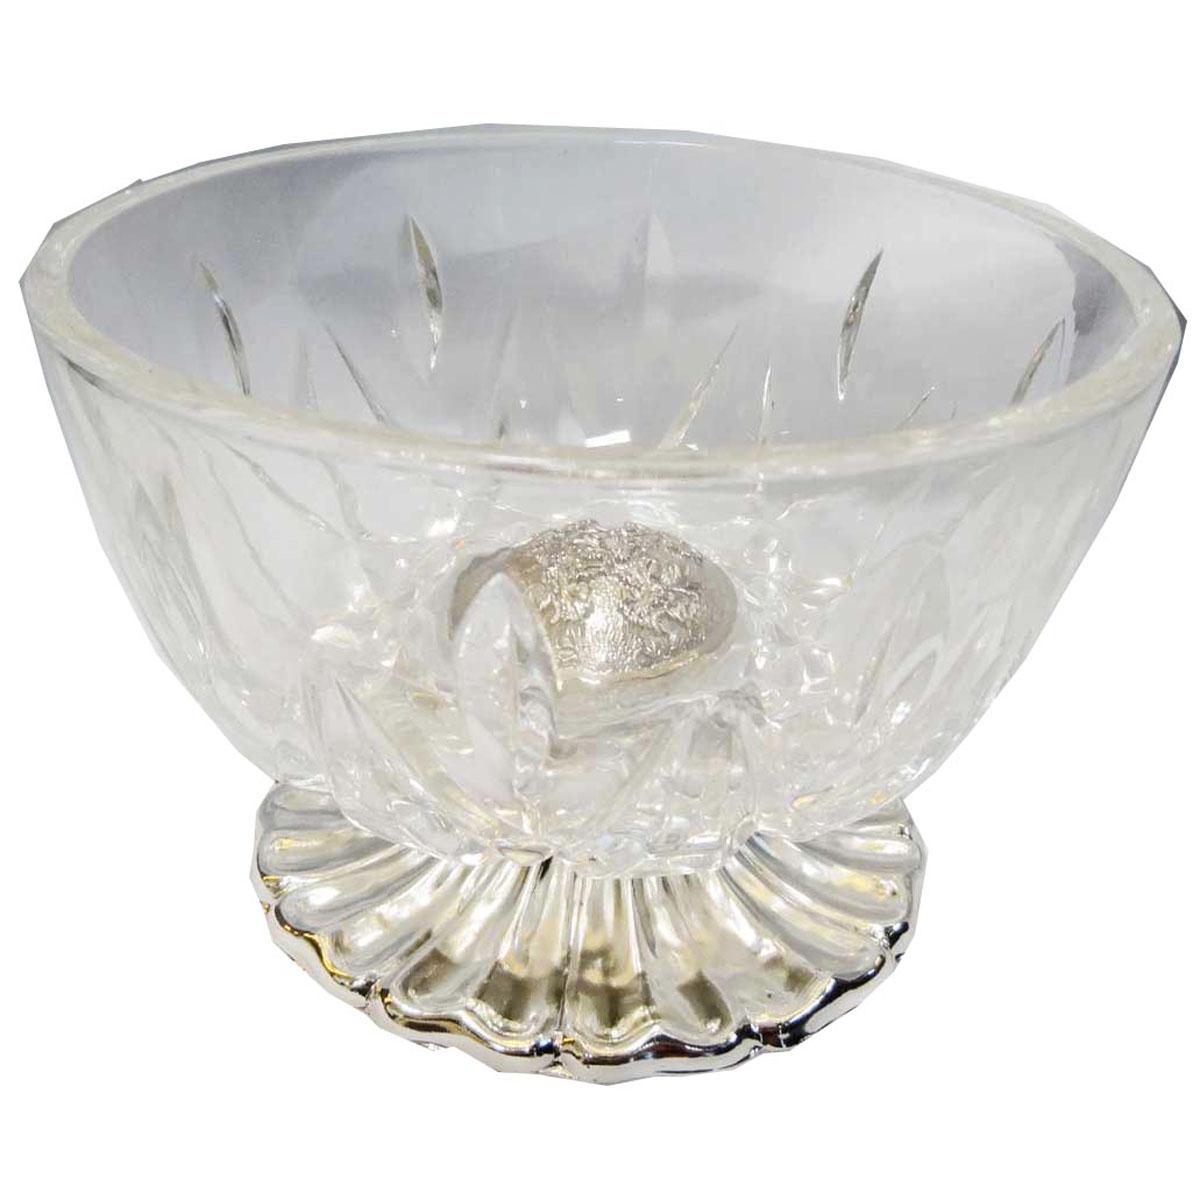 Ваза универсальная Marquis, высота 8,5 см7001-MRУниверсальная ваза Marquis выполнена из прочного стекла с рельефным узором и стали с серебряно-никелевым покрытием. Стальная подставка обеспечивает устойчивость вазы.Посуда может использоваться как конфетница, салатник, для подачи порционных блюд.Выполненная под старину, такая ваза придется по вкусу и ценителям классики, и тем, кто предпочитает утонченность и изысканность.Сервировка праздничного стола вазой Marquis станет великолепным украшением любого торжества. Характеристики:Материал: сталь, серебряно-никелевое покрытие, стекло. Размер вазы (Д х Ш х В): 12 см х 12 см х 8,5 см. Размер упаковки: 9 см x 14 см x 14 см. Артикул: 7001-MR.